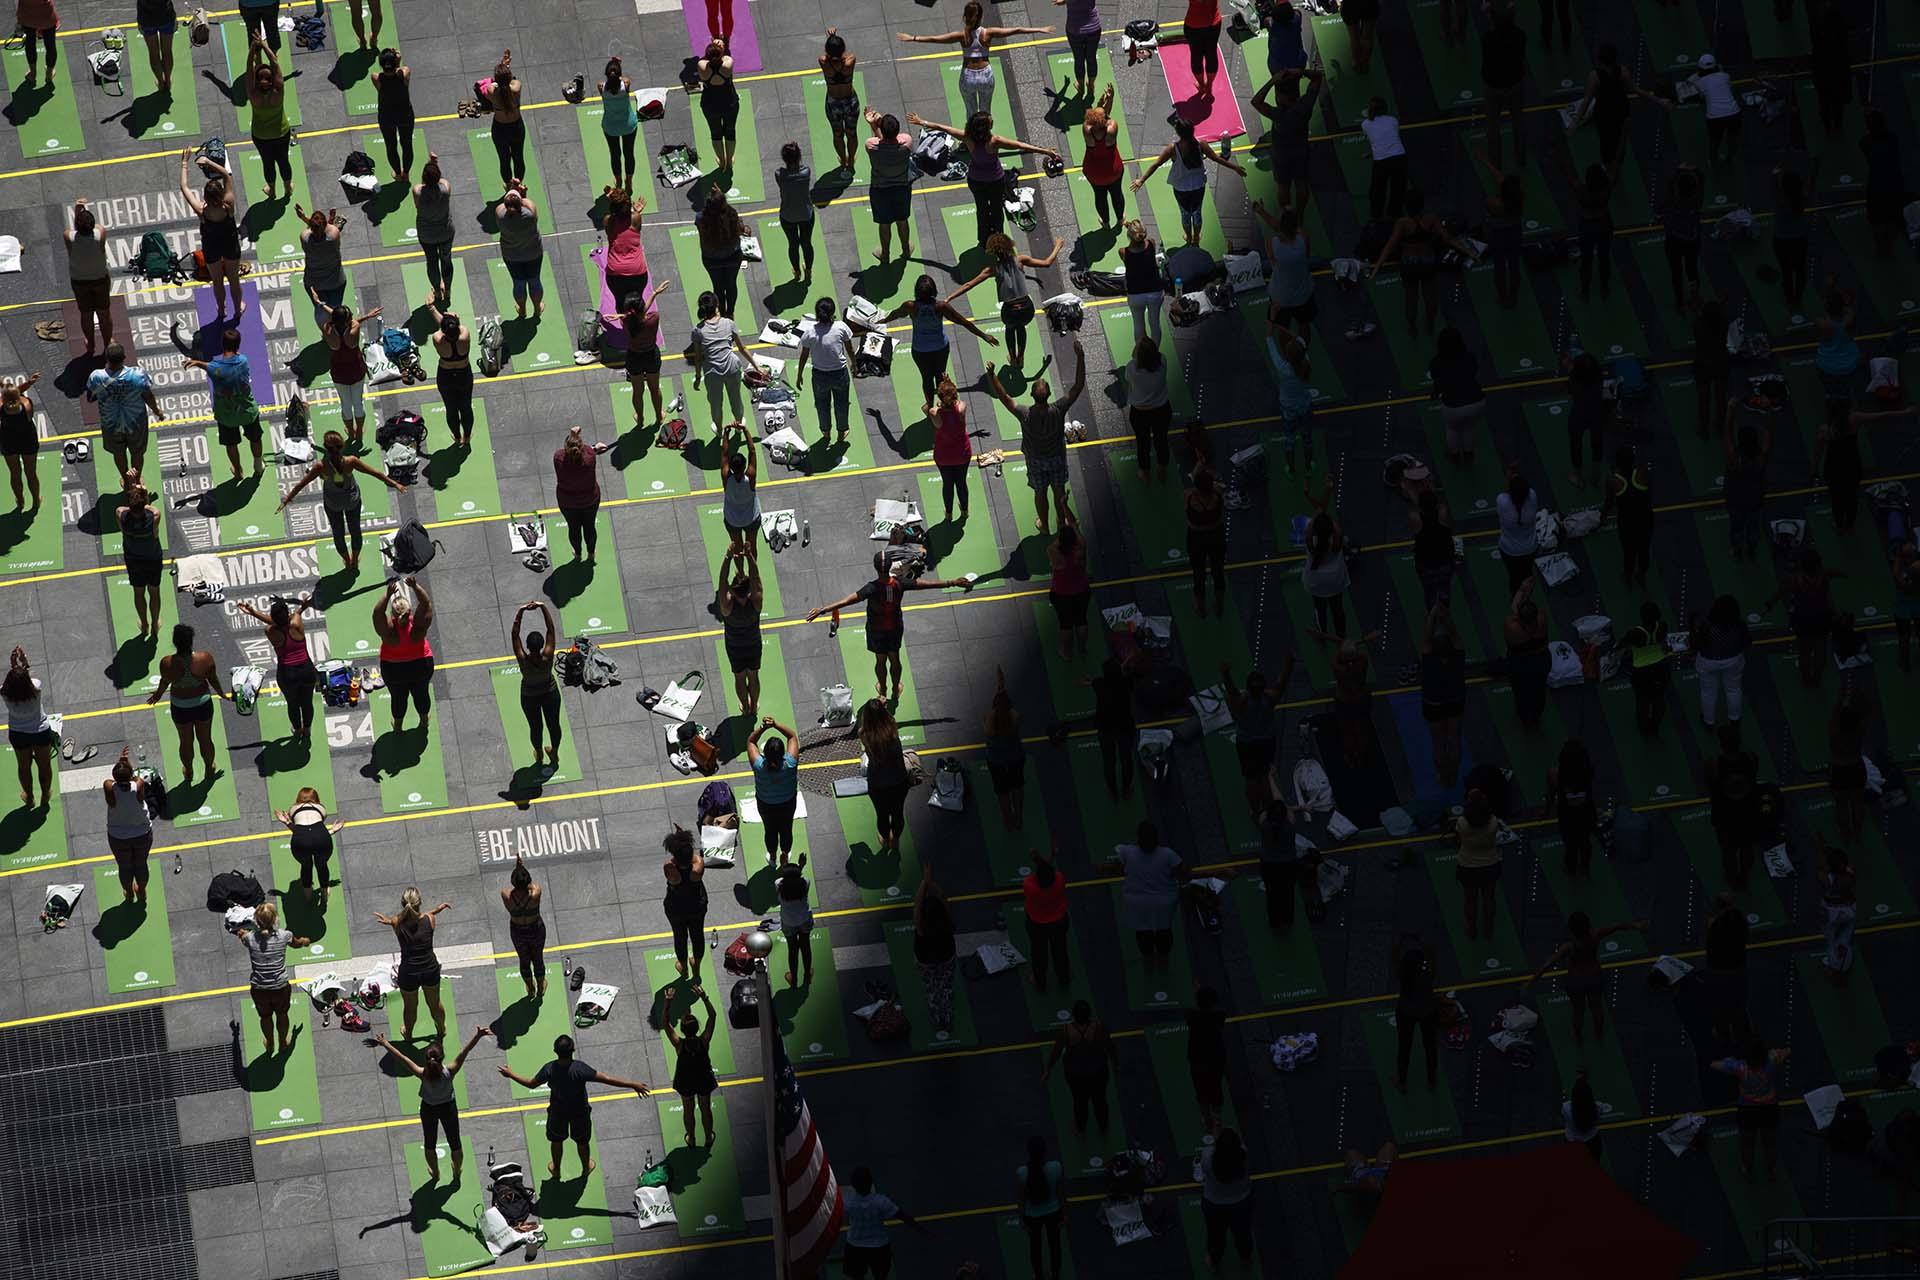 Fanáticos del yoga participan de una clase masiva al aire libre en Time Square (Drew Angerer/Getty Images/AFP)